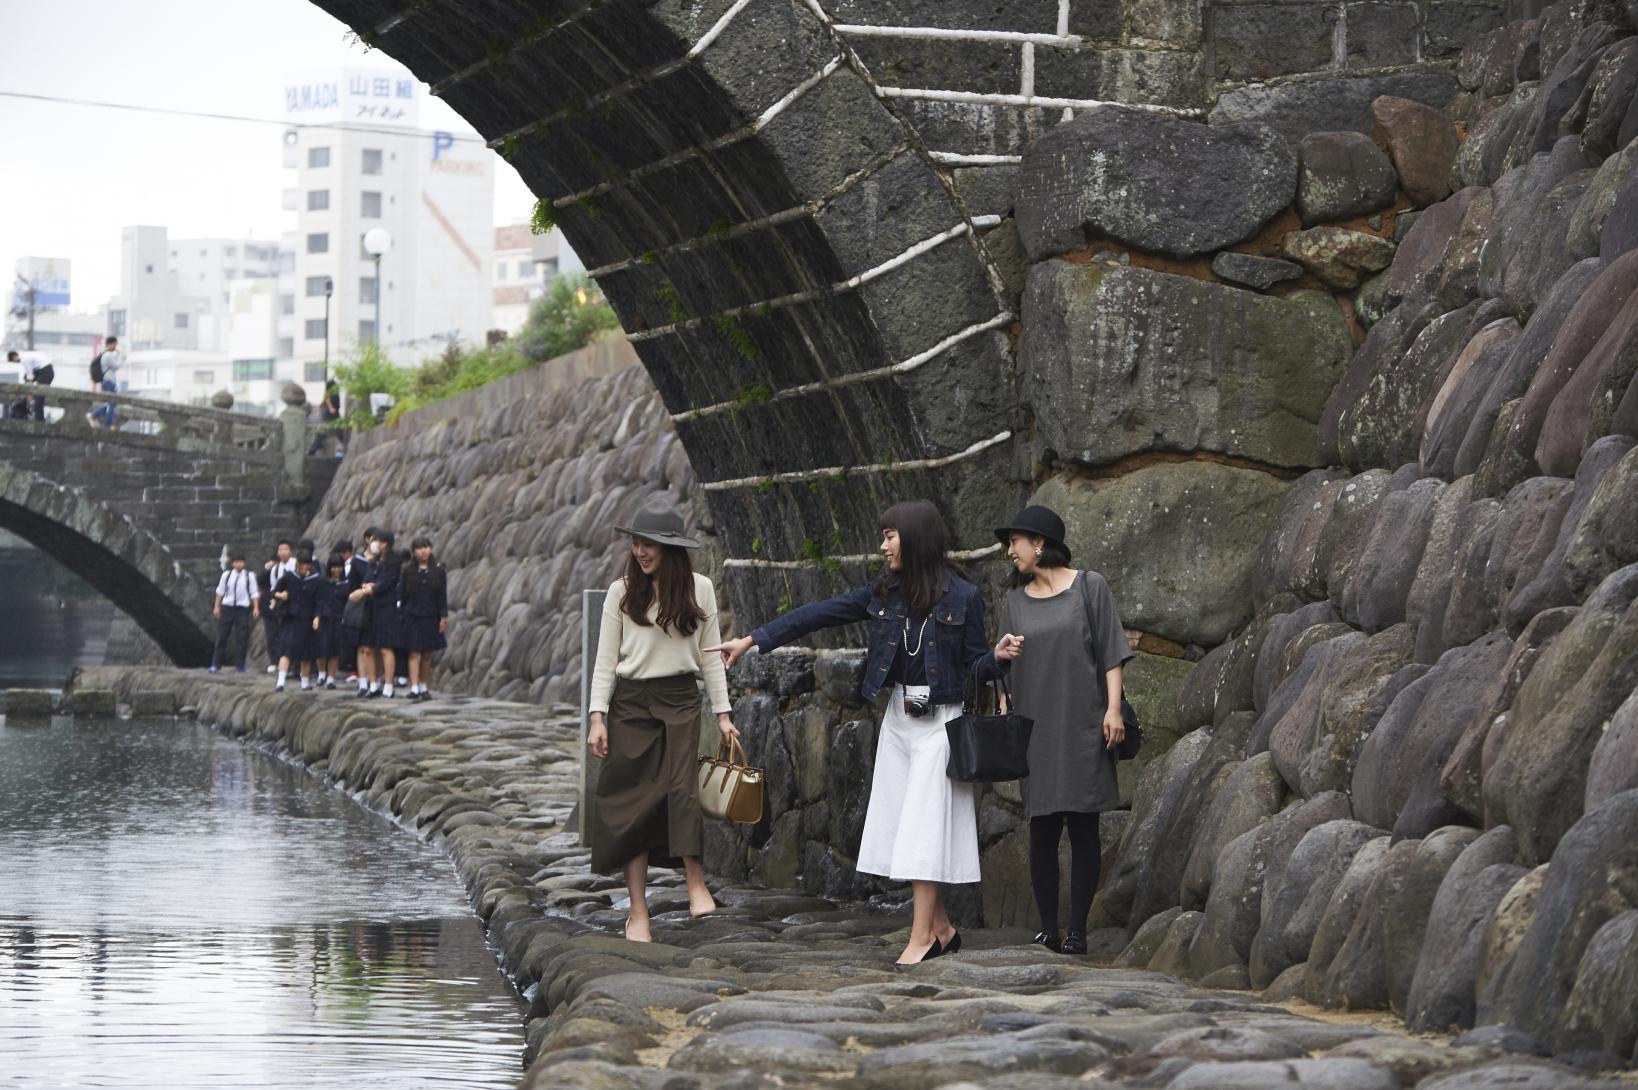 2泊3日のんびり長崎旅 長崎の歴史と温泉をめぐる-1